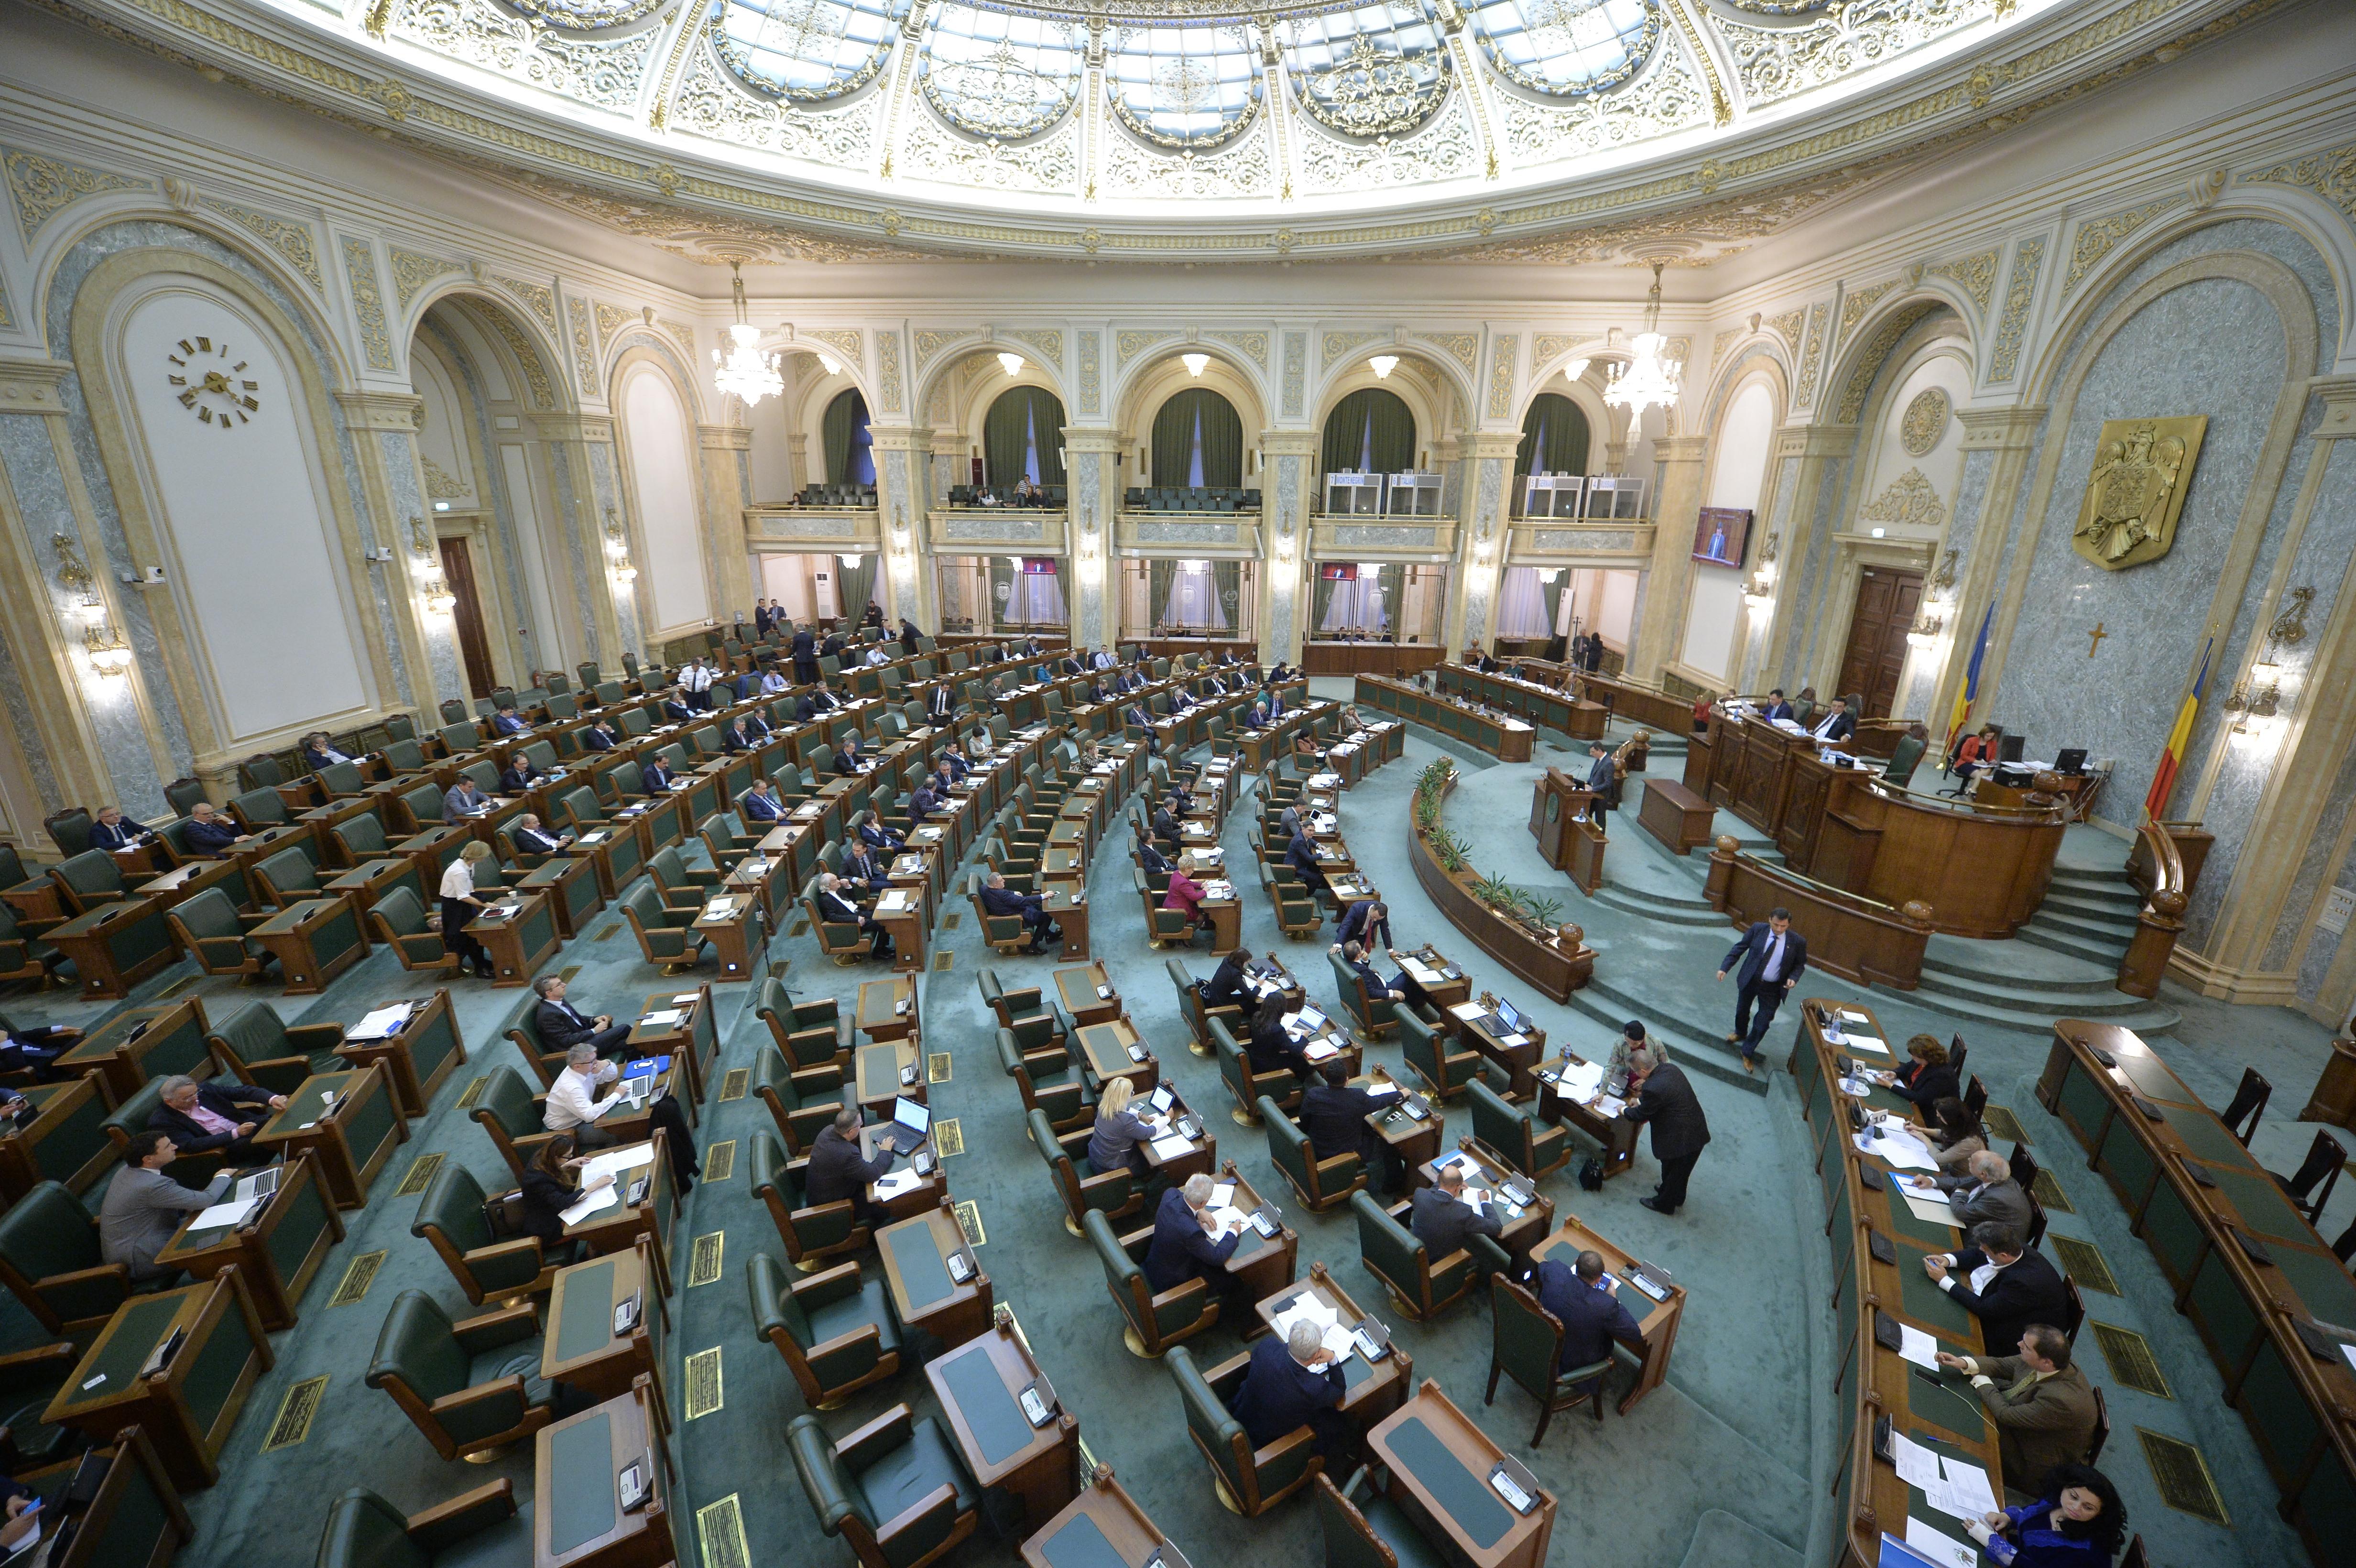 Senatul dezbate şi votează astăzi moţiunea simplă împotriva ministrului Economiei, Dănuţ Andruşcă